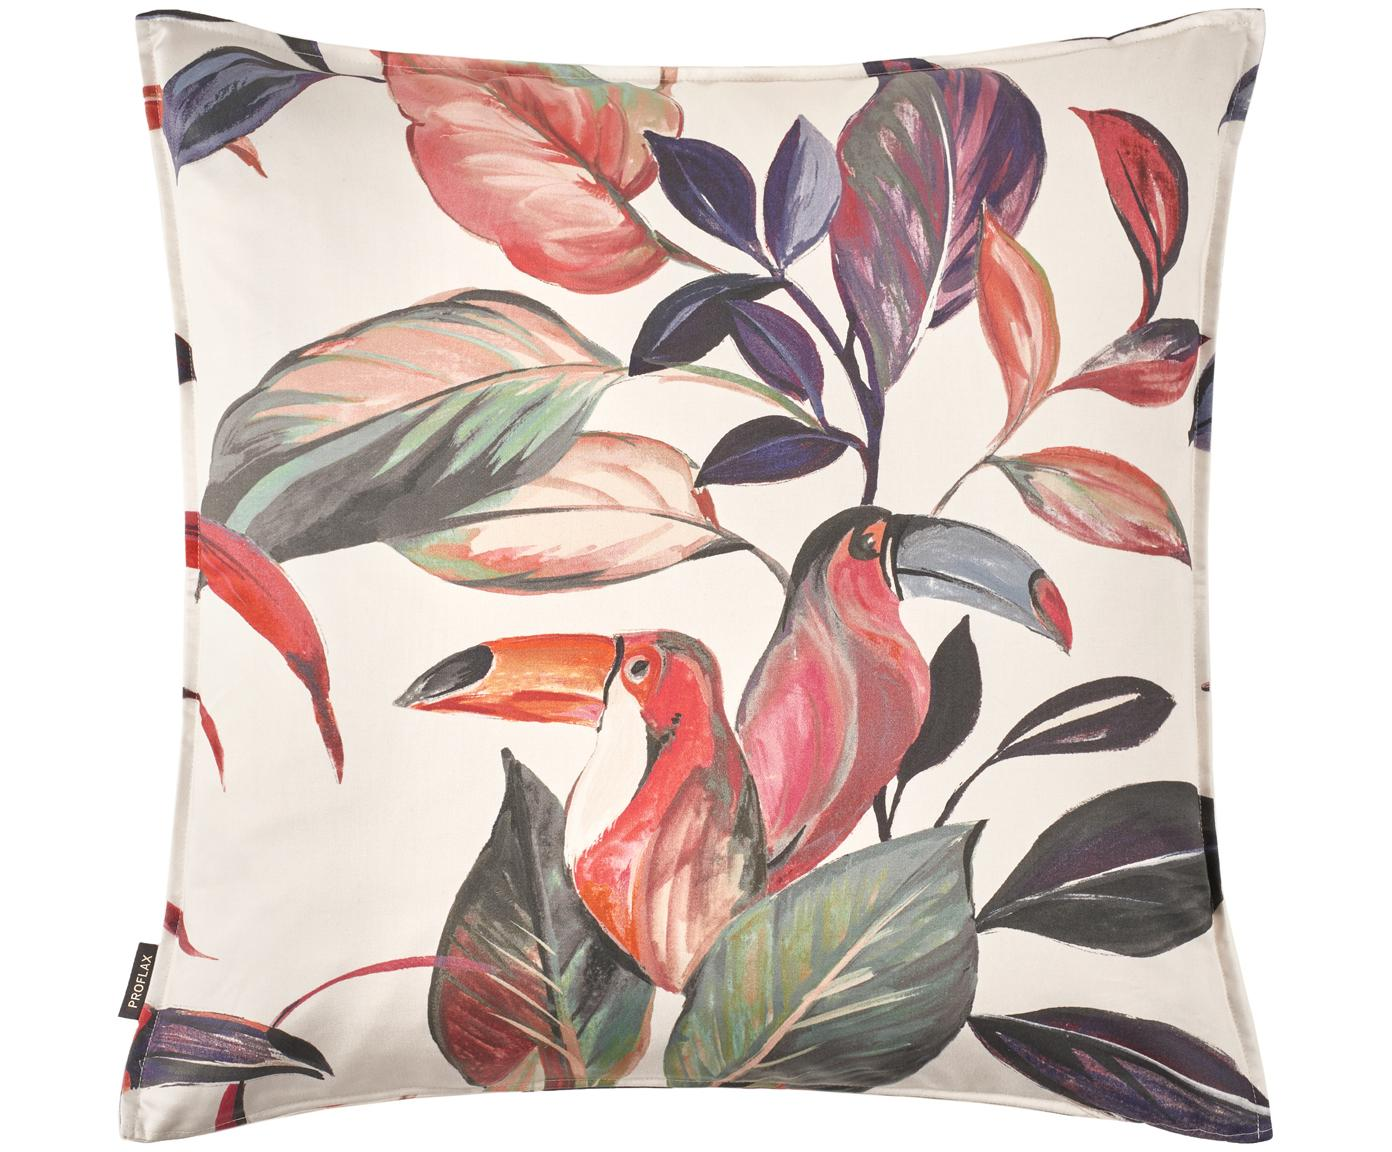 Baumwollsatin-Kissenhülle Acapulco mit tropischem Motiv, Webart: Satin, Creme, Mehrfarbig, 50 x 50 cm